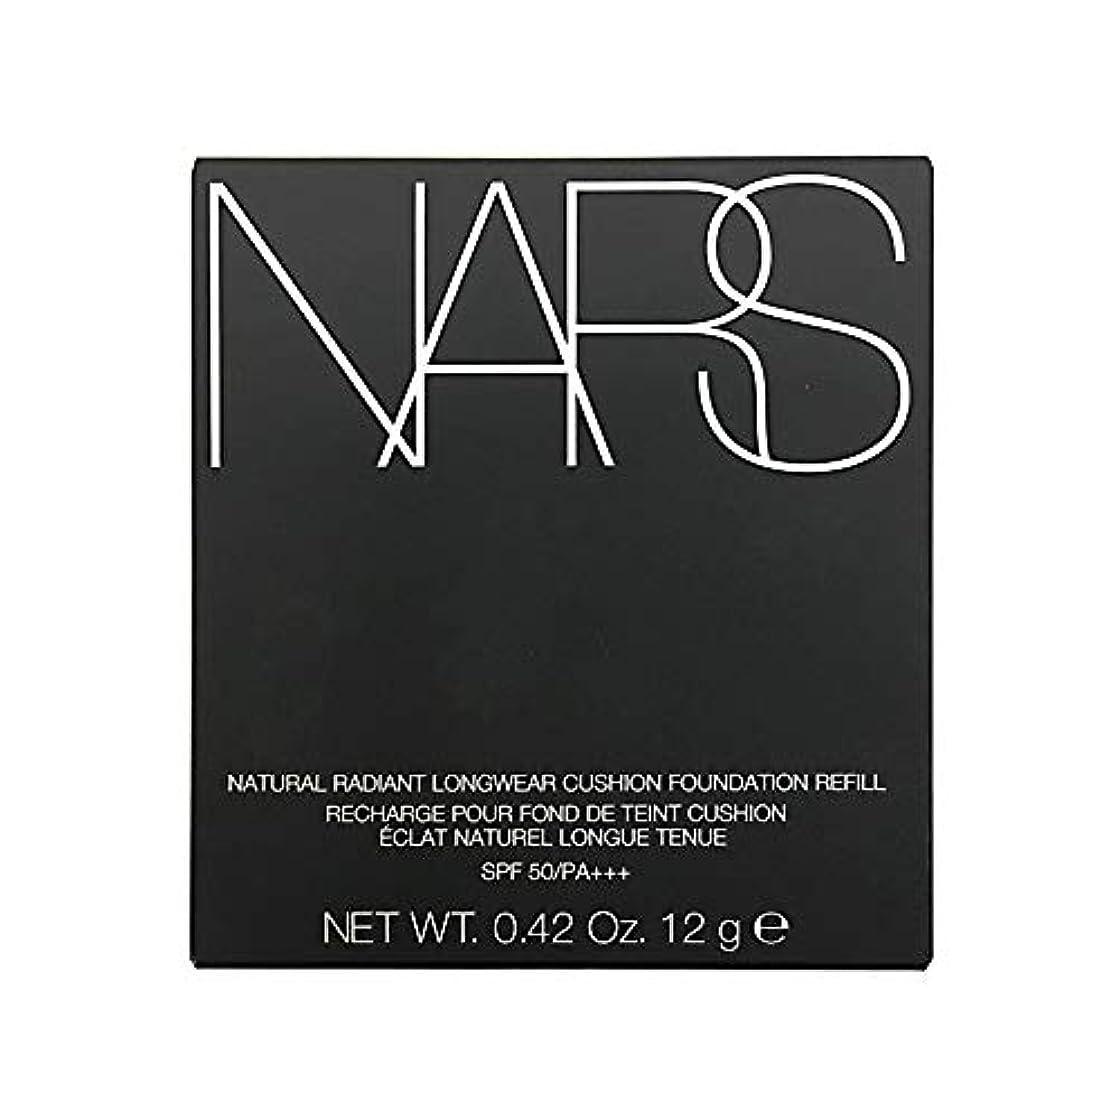 卒業技術フォーマットナーズ/NARS ナチュラルラディアント ロングウェア クッションファンデーション(レフィル)#5881 [ クッションファンデ ] [並行輸入品]